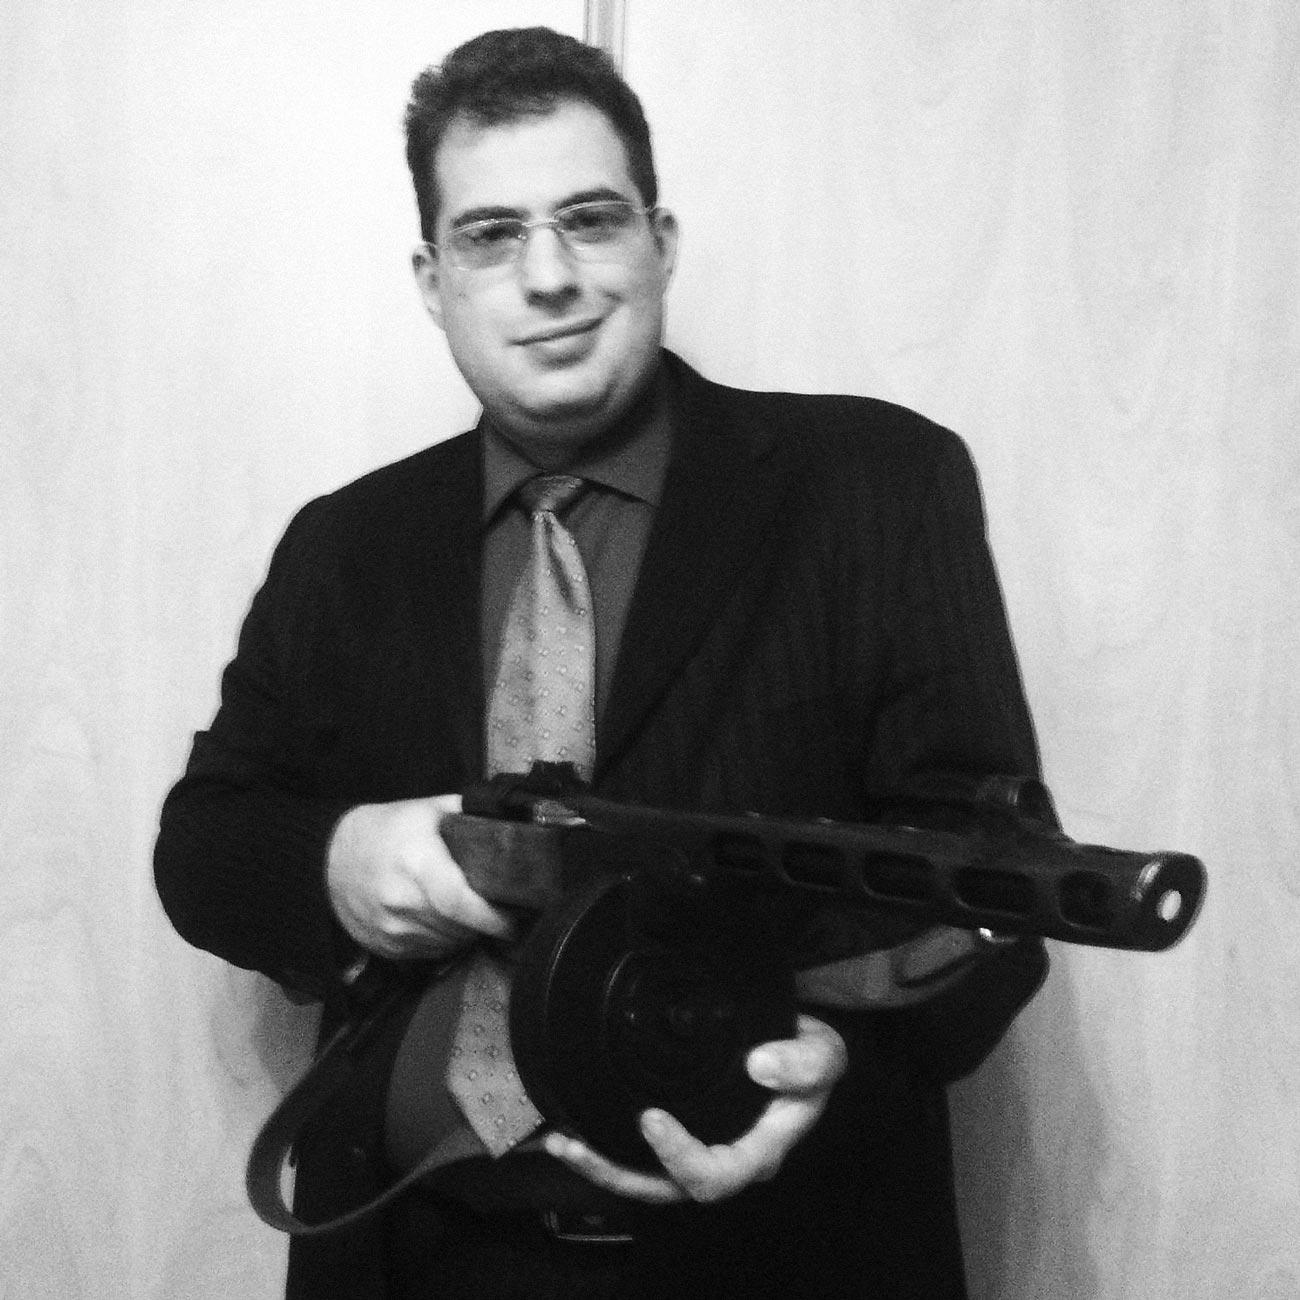 yuriy minkin - <b>Оружие в Украине пытаются легализовать уже 15 лет.</b> Кто лоббирует этот вопрос и в чем опасность — разбор Забороны - Заборона